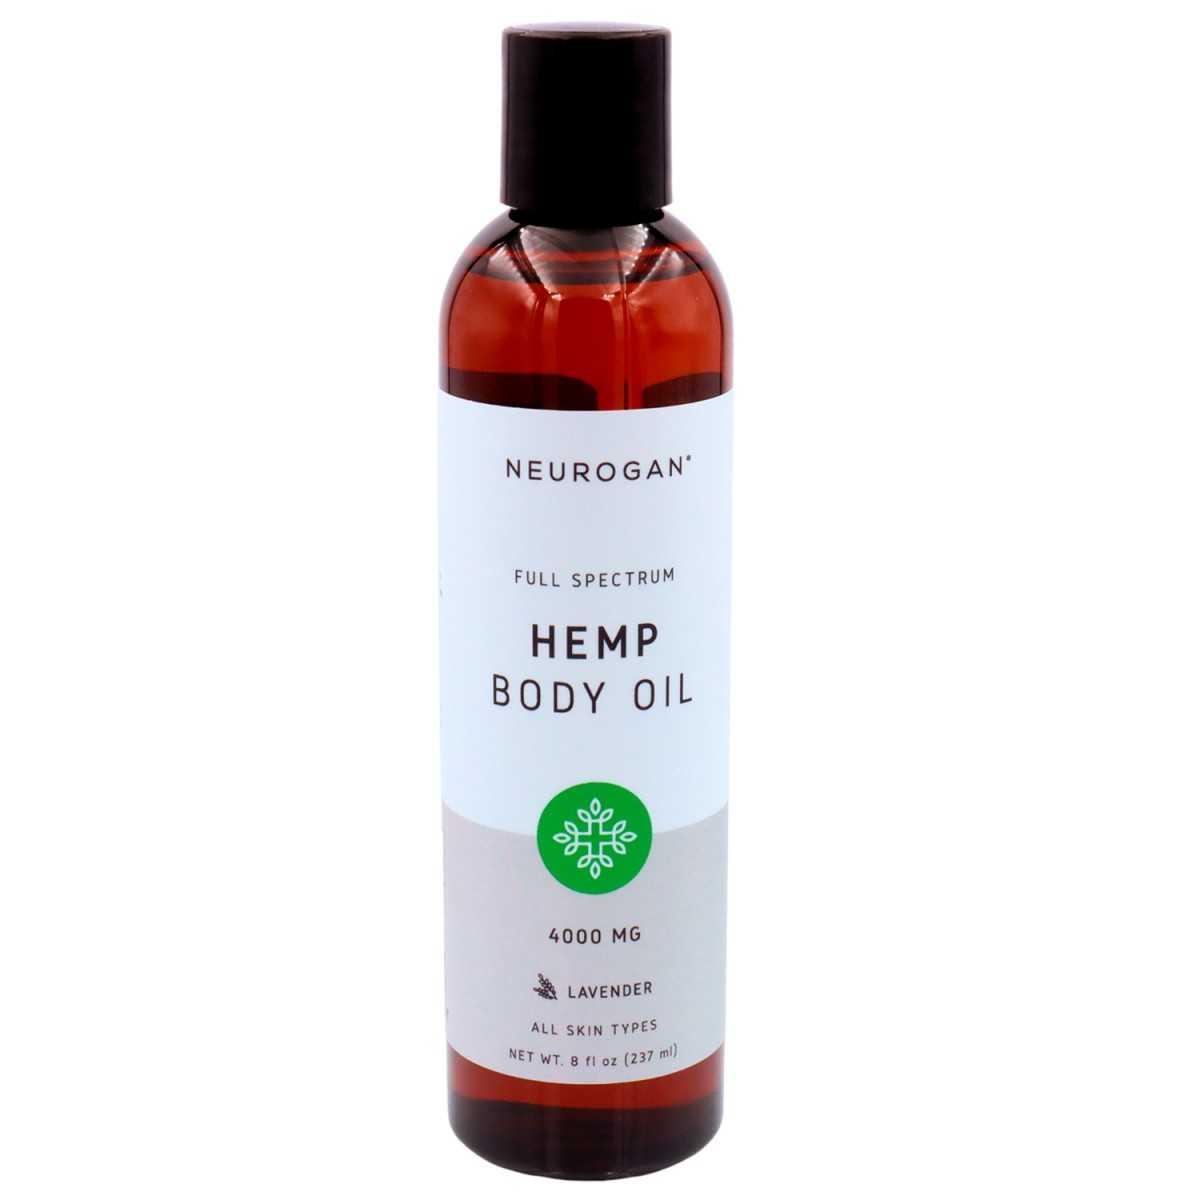 Neurogan Hemp Body Oil 4000mg